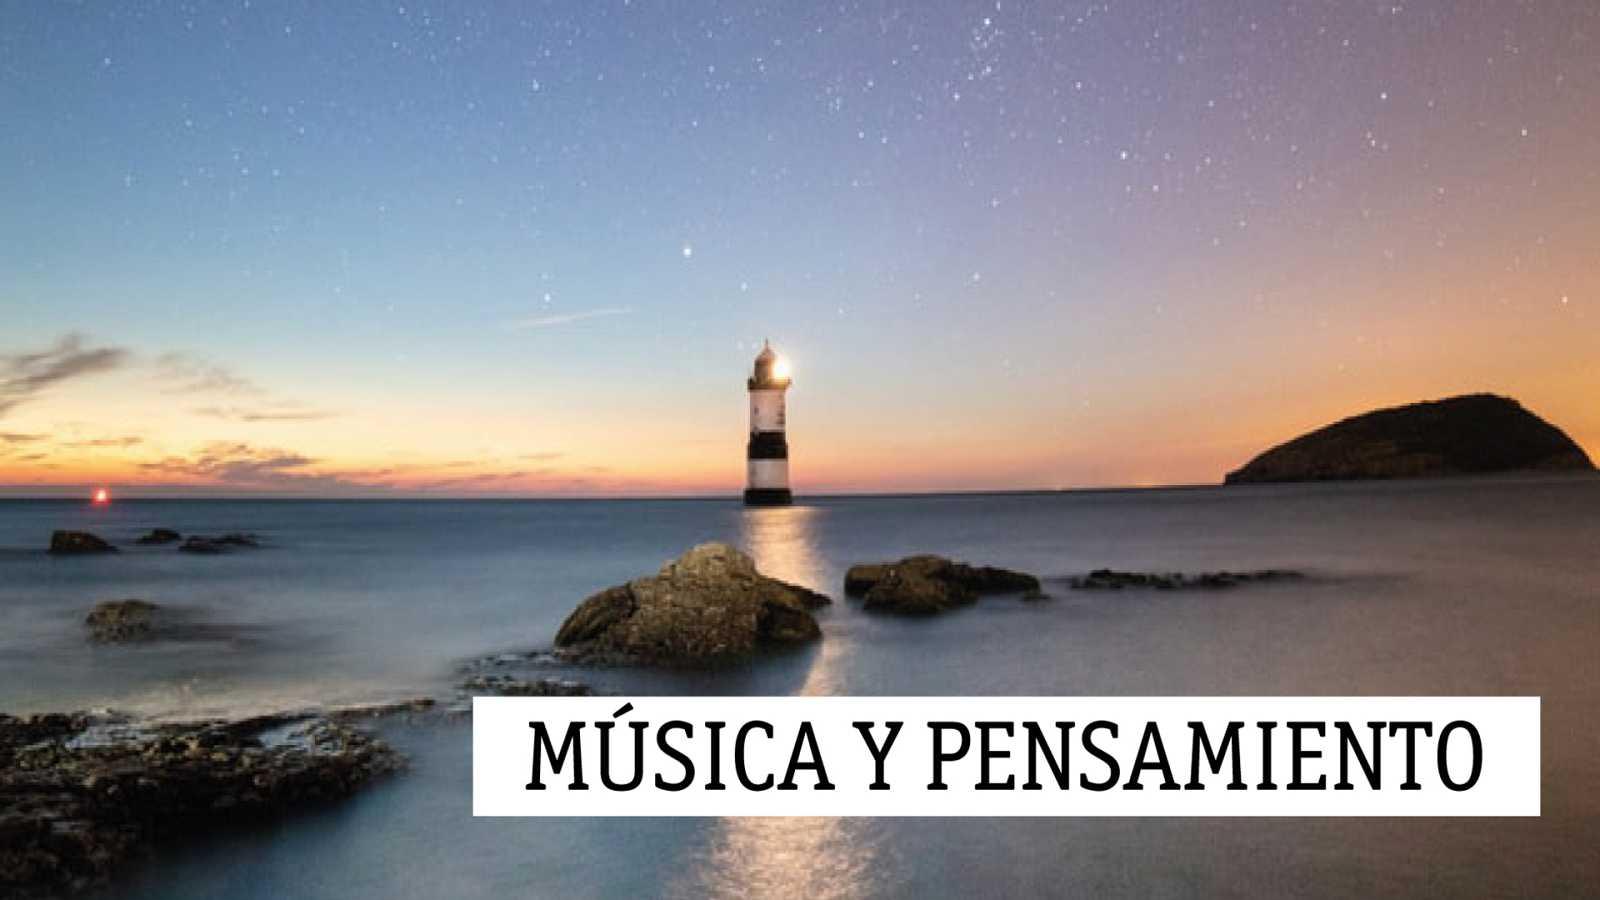 Música y pensamiento - Vasili Grossman - 09/05/21 - escuchar ahora